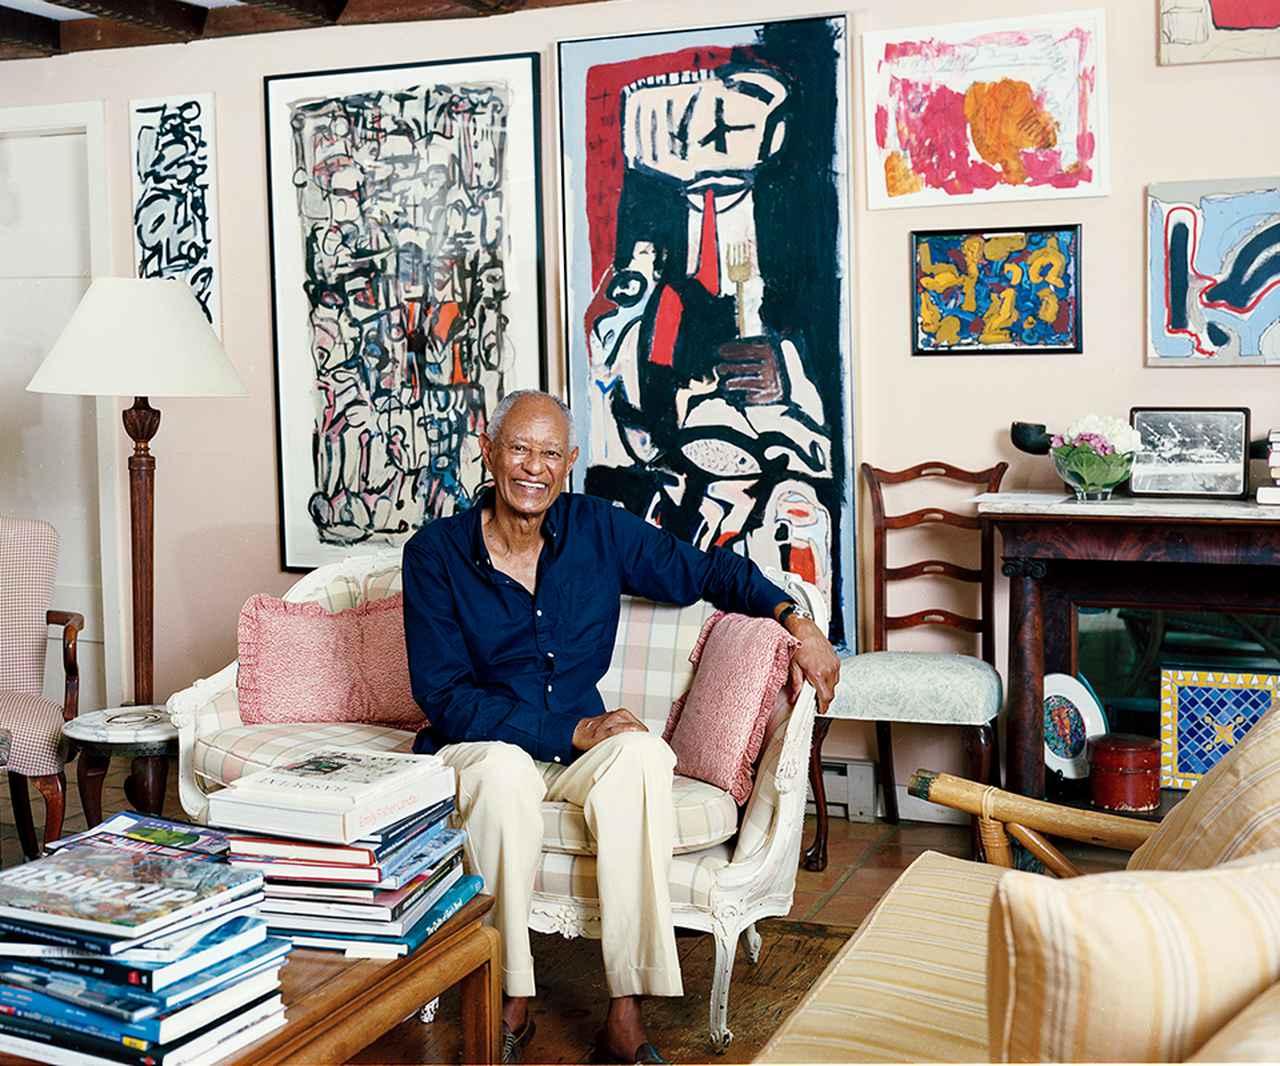 Images : 9番目の画像 - 「黒人コミュニティをつくりあげた 家族たちのパイオニア・スピリット」のアルバム - T JAPAN:The New York Times Style Magazine 公式サイト